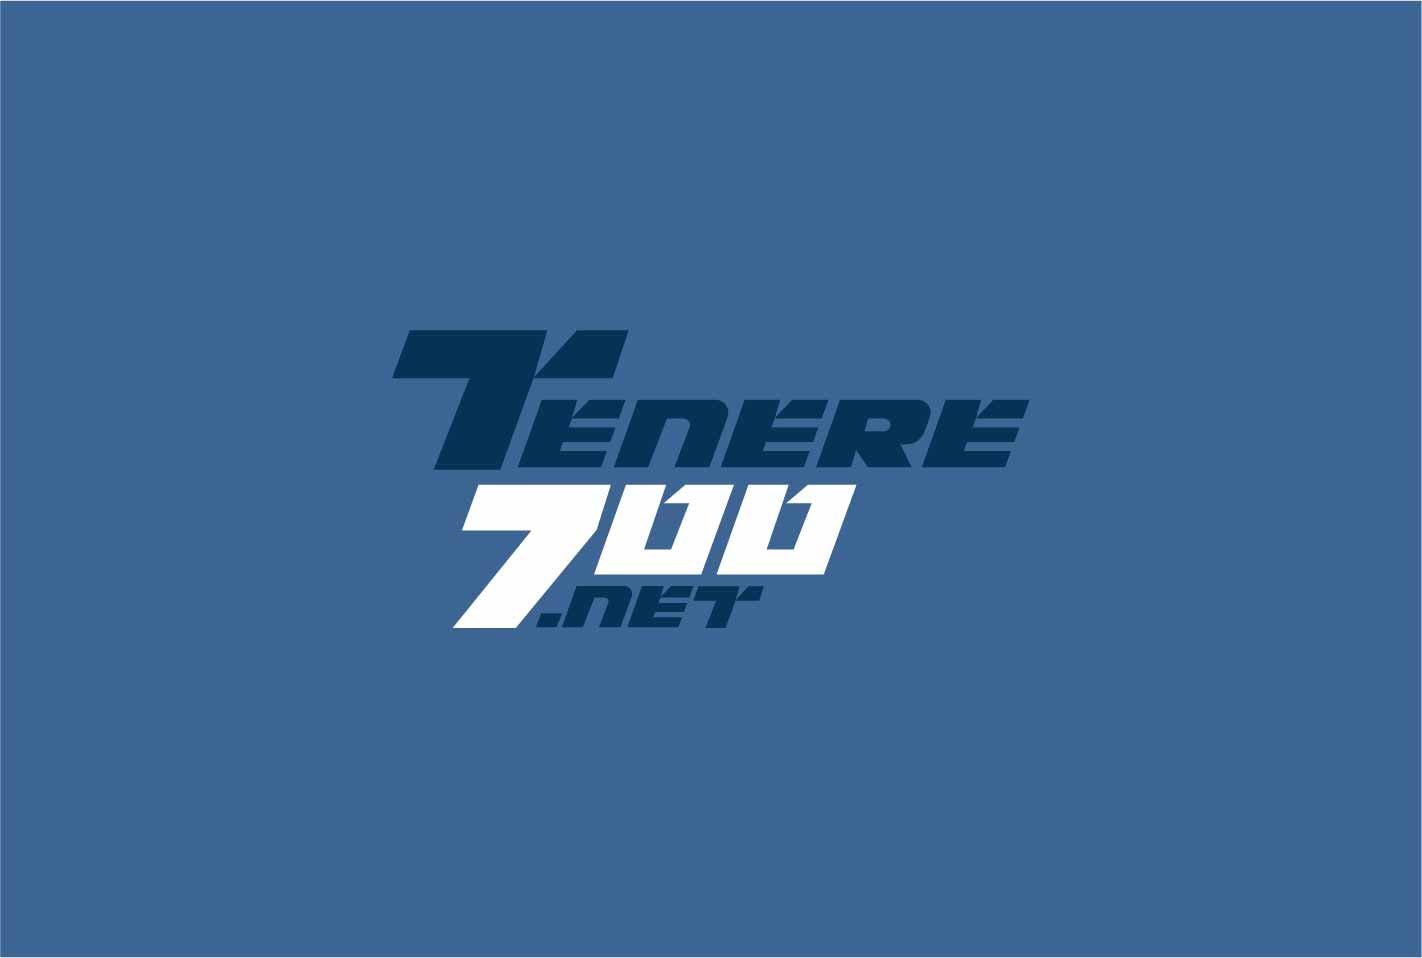 Tenere700-1.jpg.bc9fa77292e080727d5e75ba